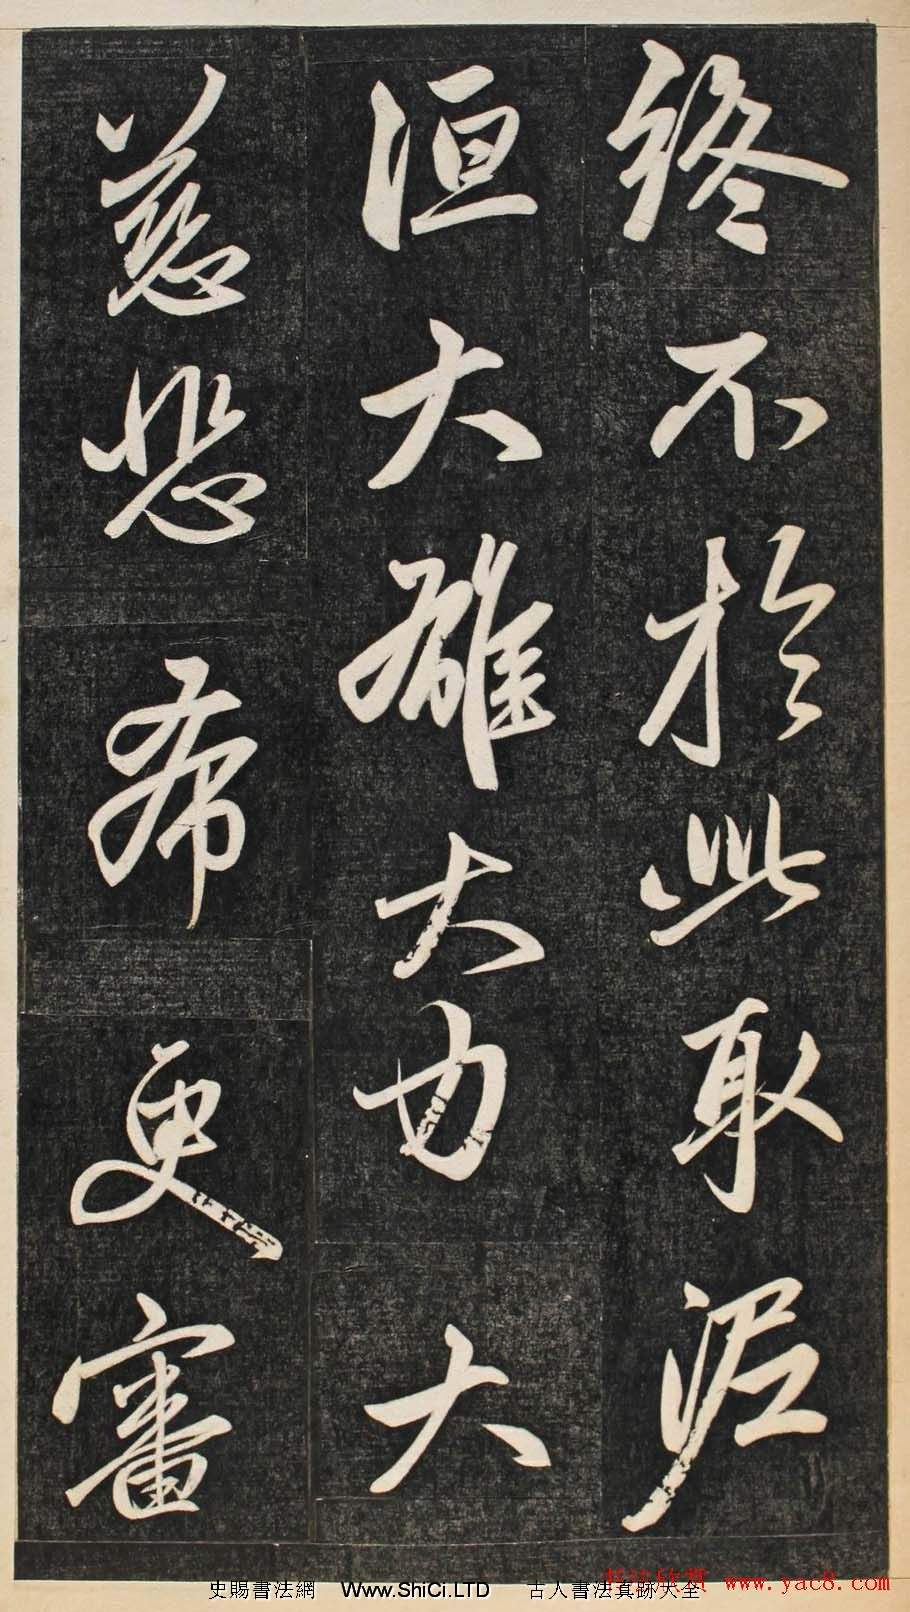 元代書壇領袖趙孟俯行書欣賞《楞嚴經》